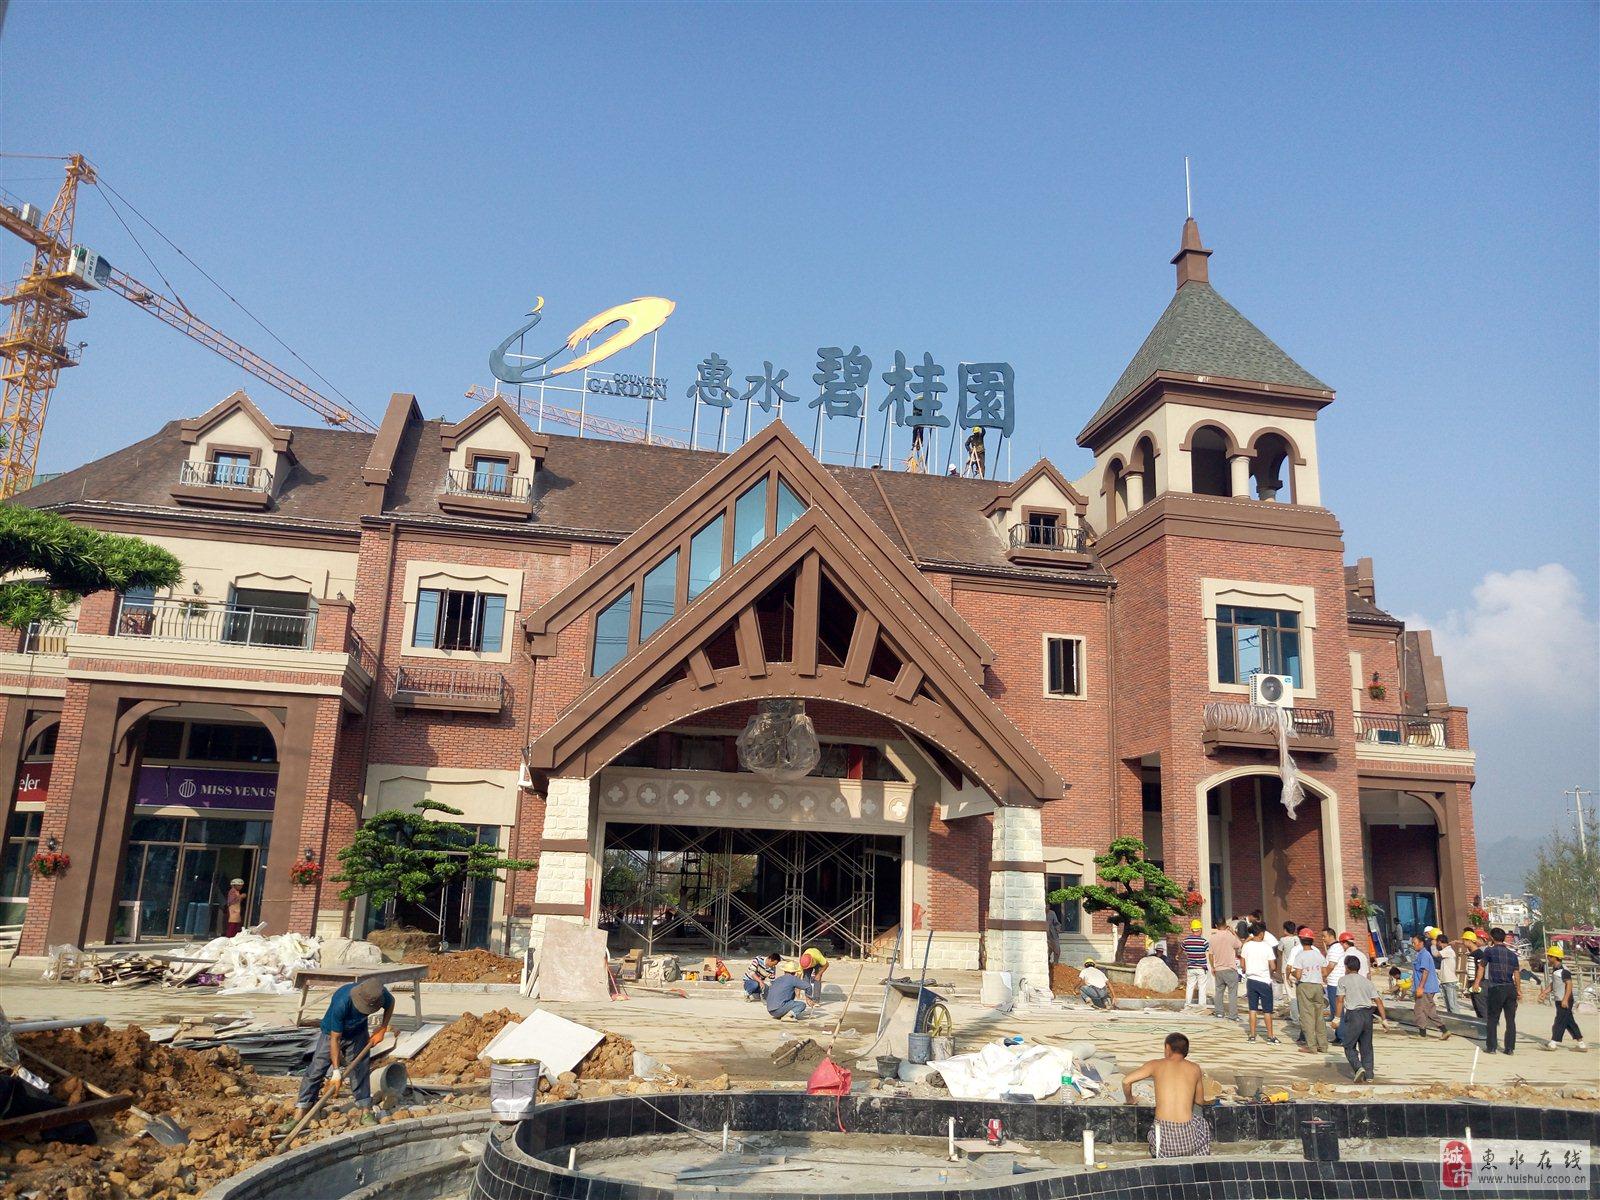 惠水碧桂园风情商业街